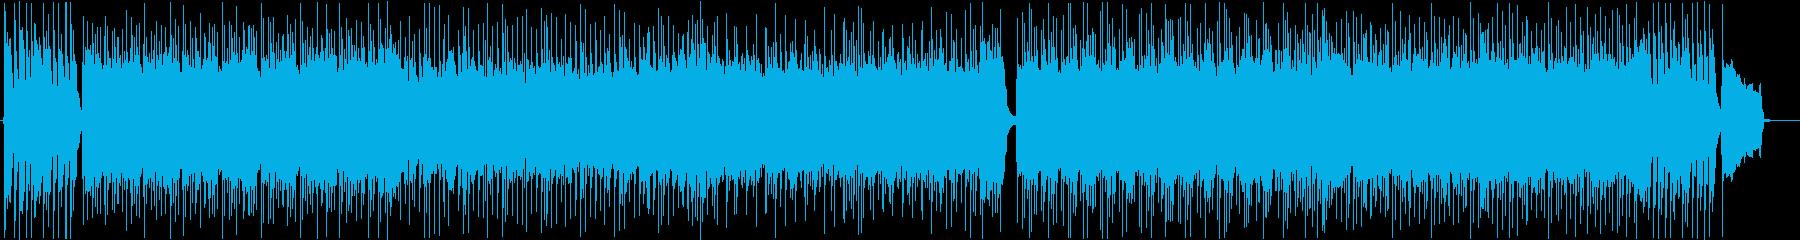 オープニング・和風ロックバトルBGMの再生済みの波形